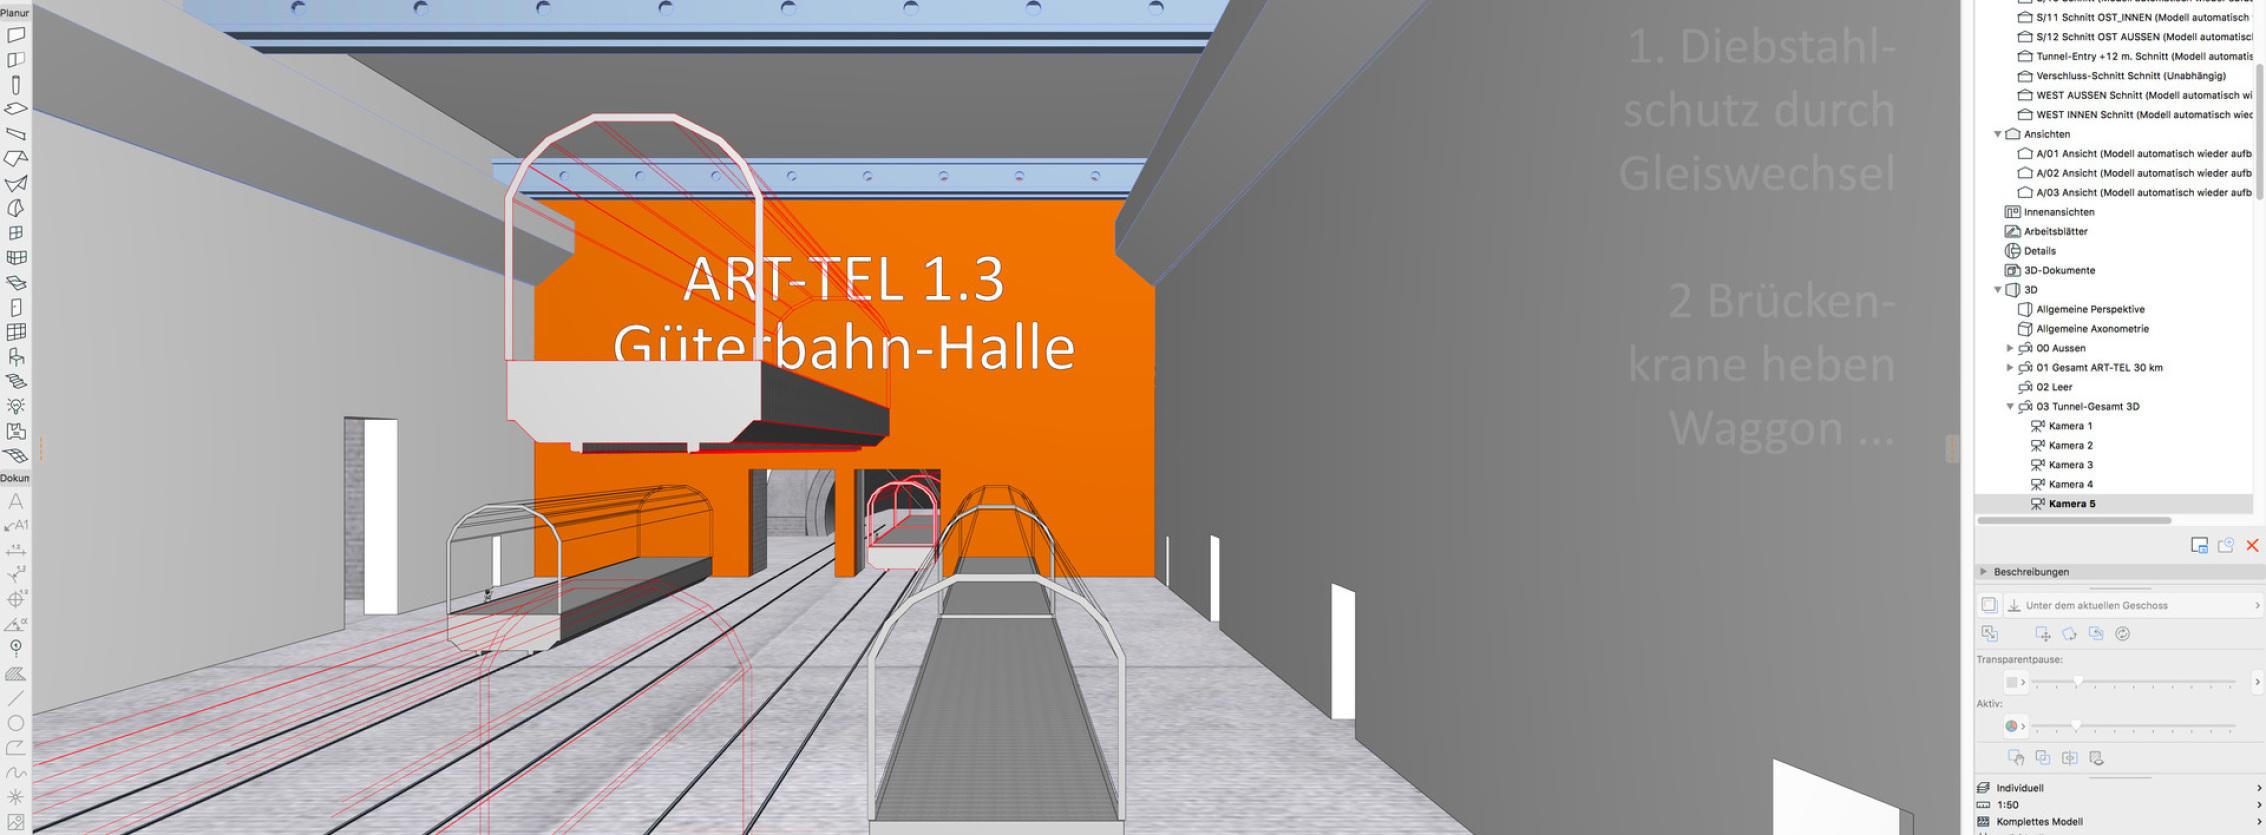 Werkhalle ART-TEL 1.3